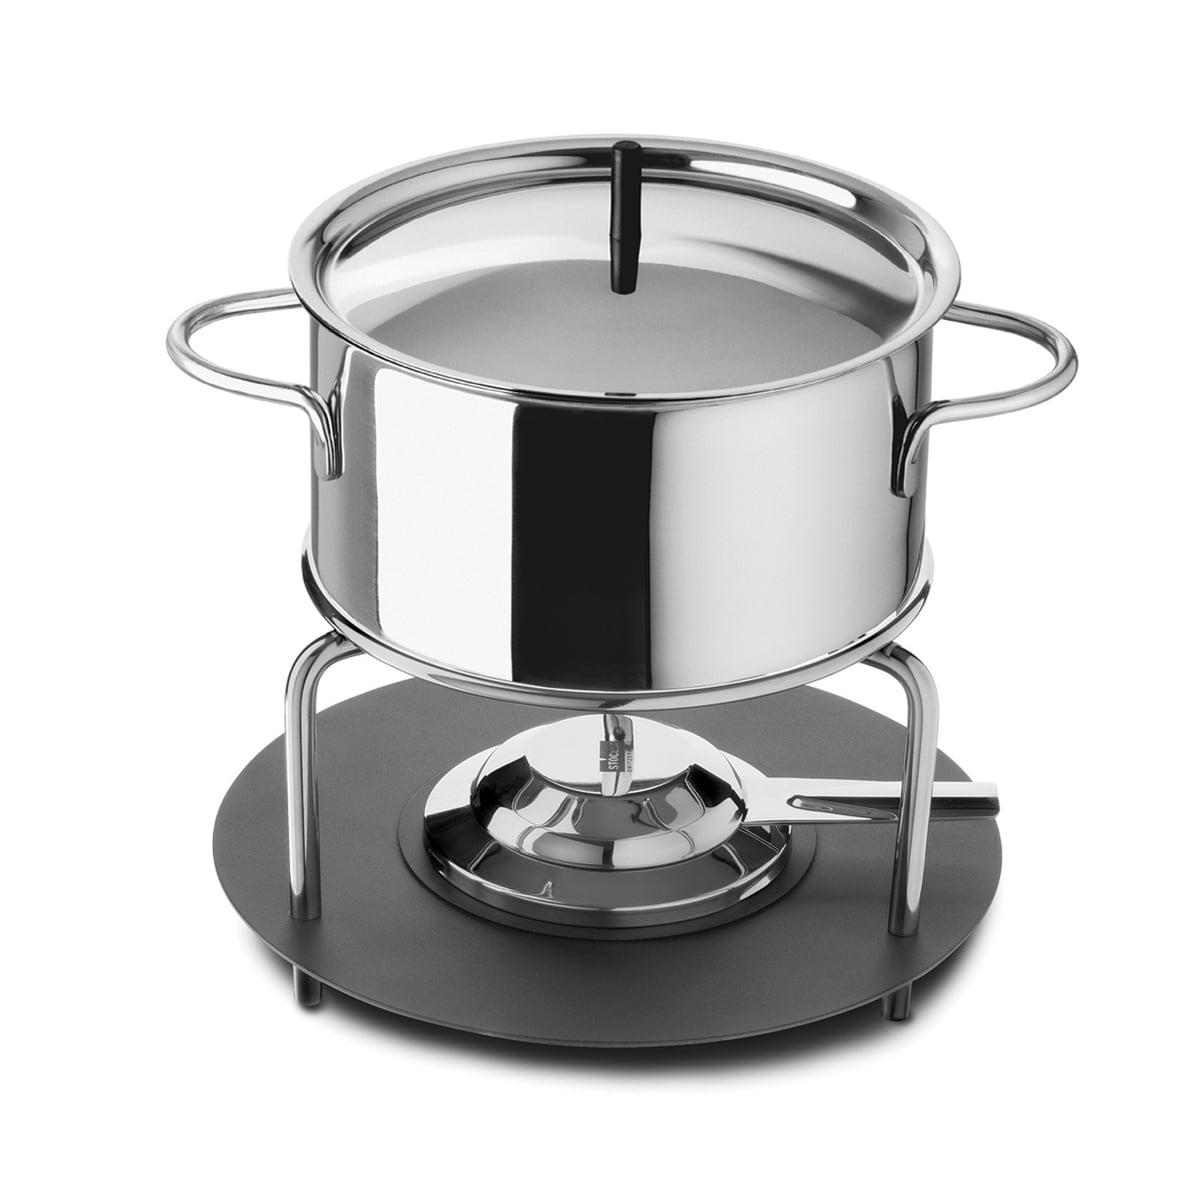 Stöckli - Aragon Fonduegarnitur, Ø 16 cm | Küche und Esszimmer > Küchengeräte | Stöckli